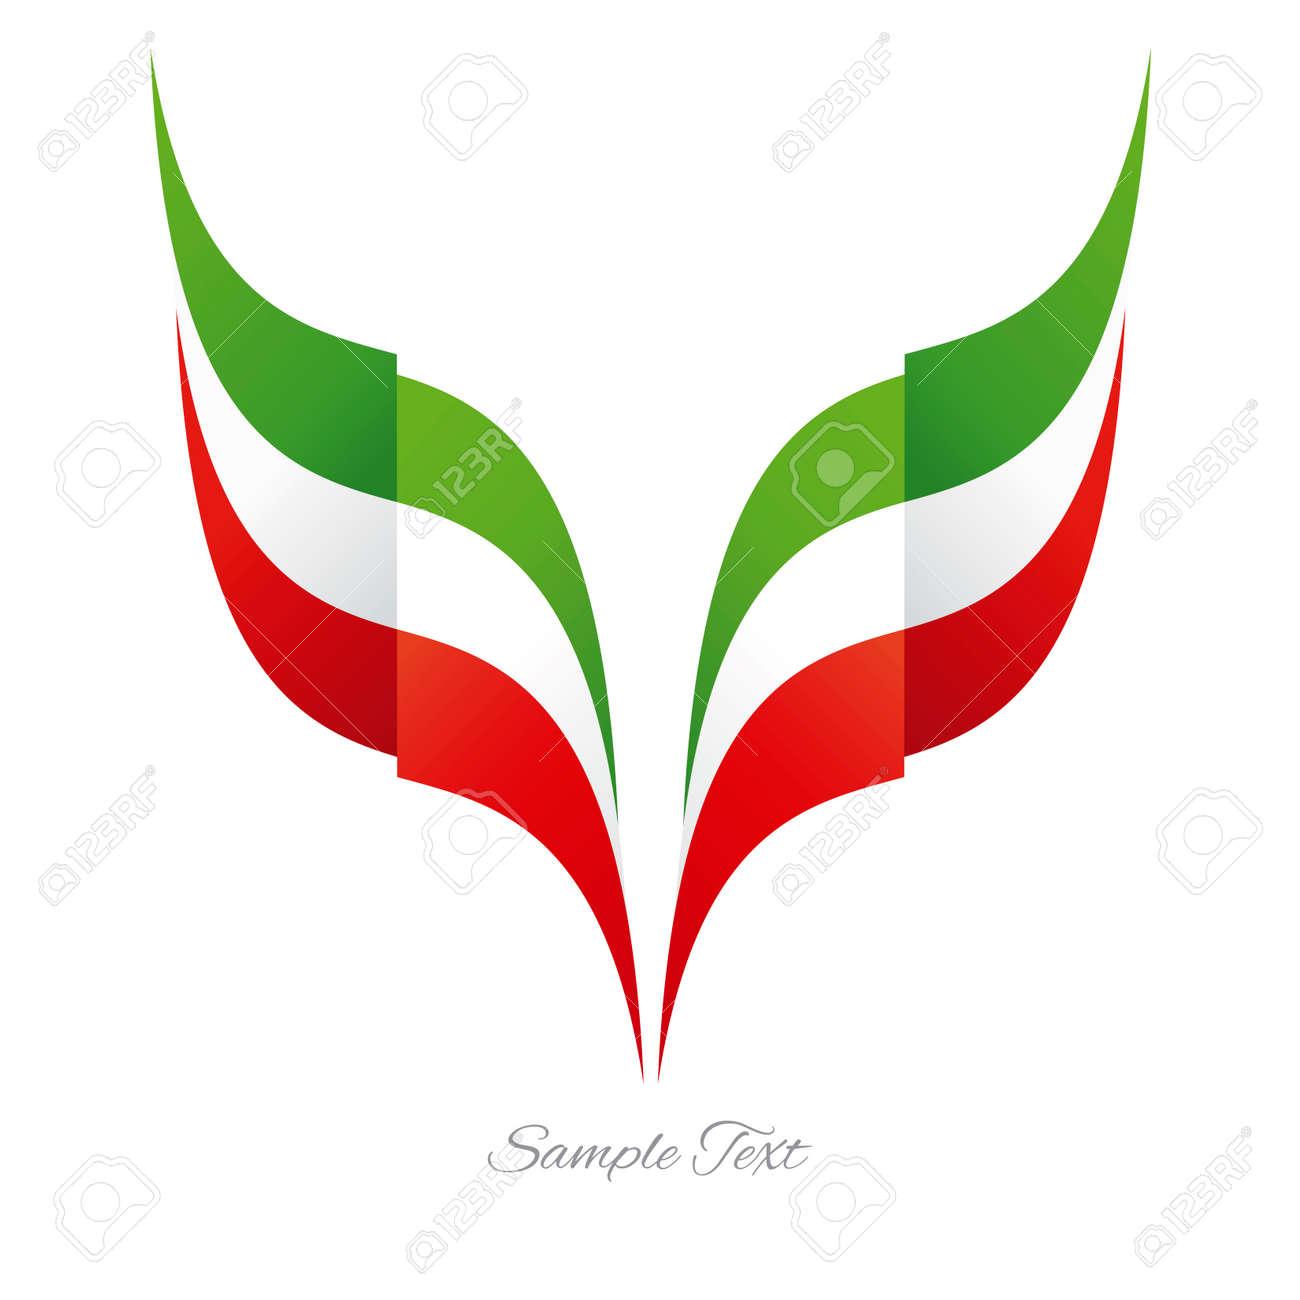 Ausgezeichnet Farben Mexikanische Flagge Bilder - Ideen fortsetzen ...